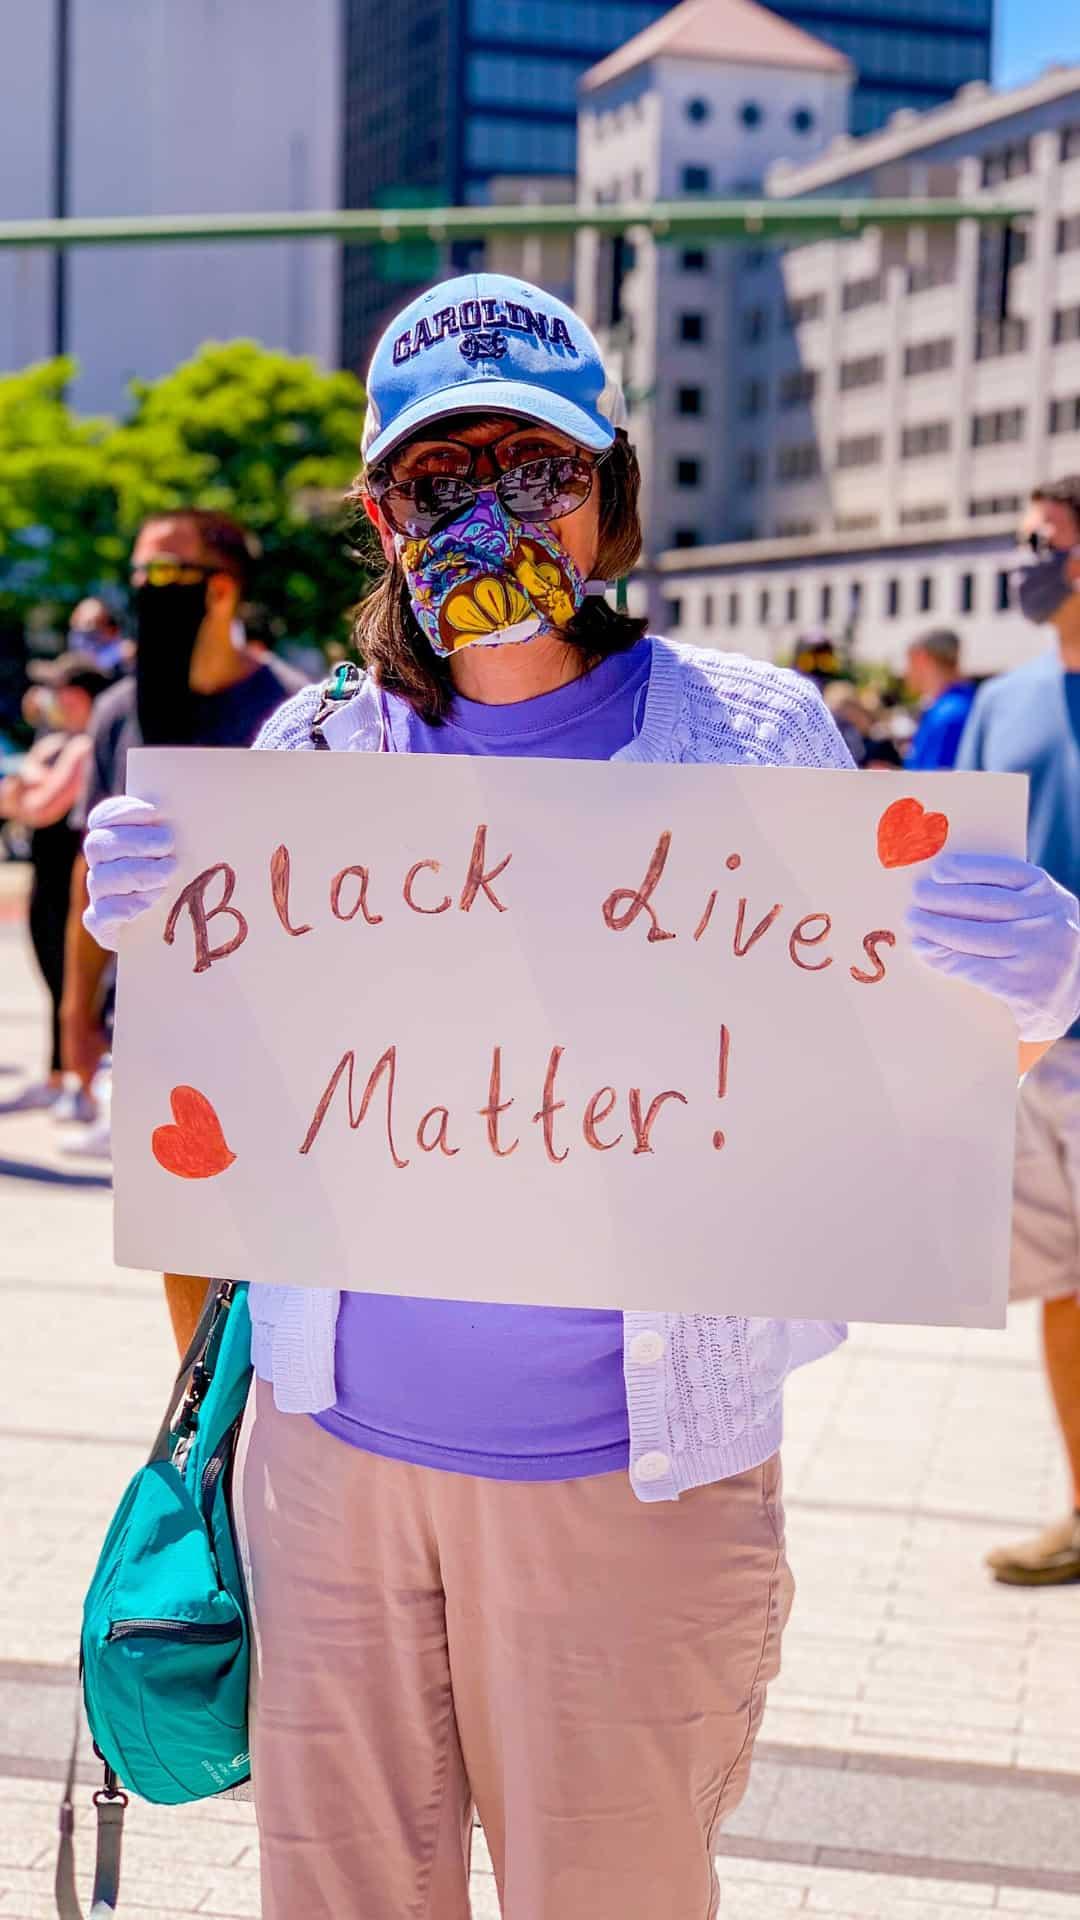 Protest sign Black Lives Matter